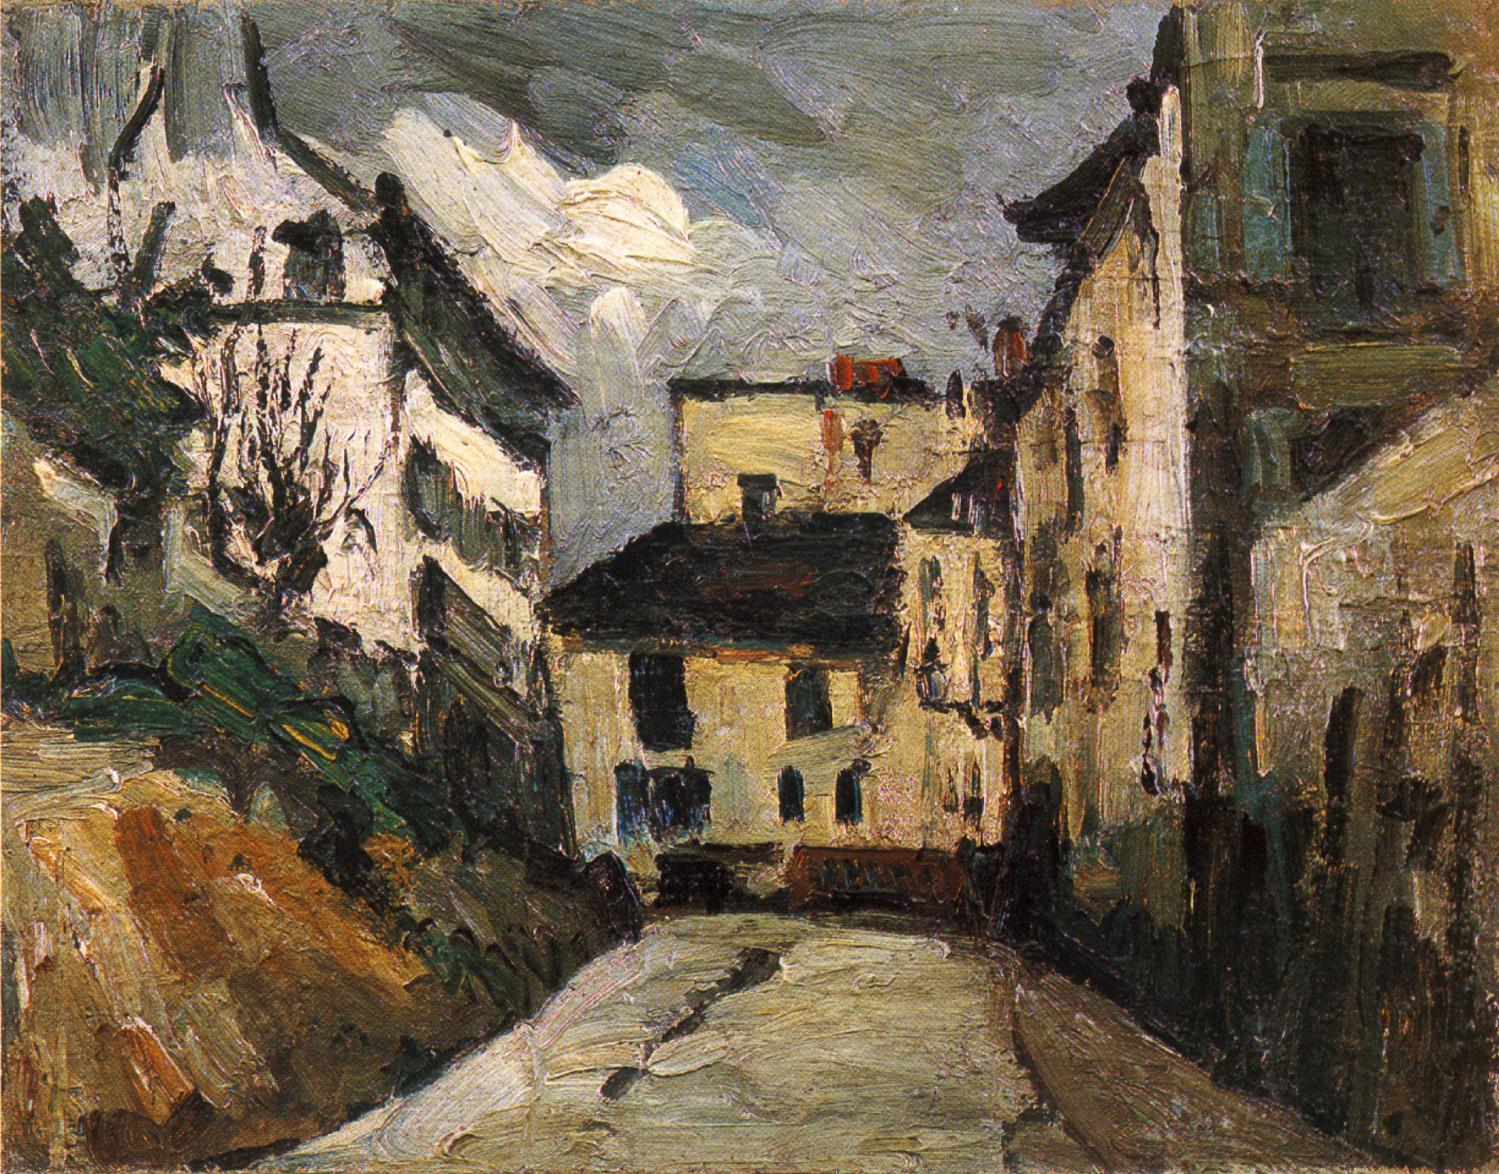 Rue des Saules by Cezanne